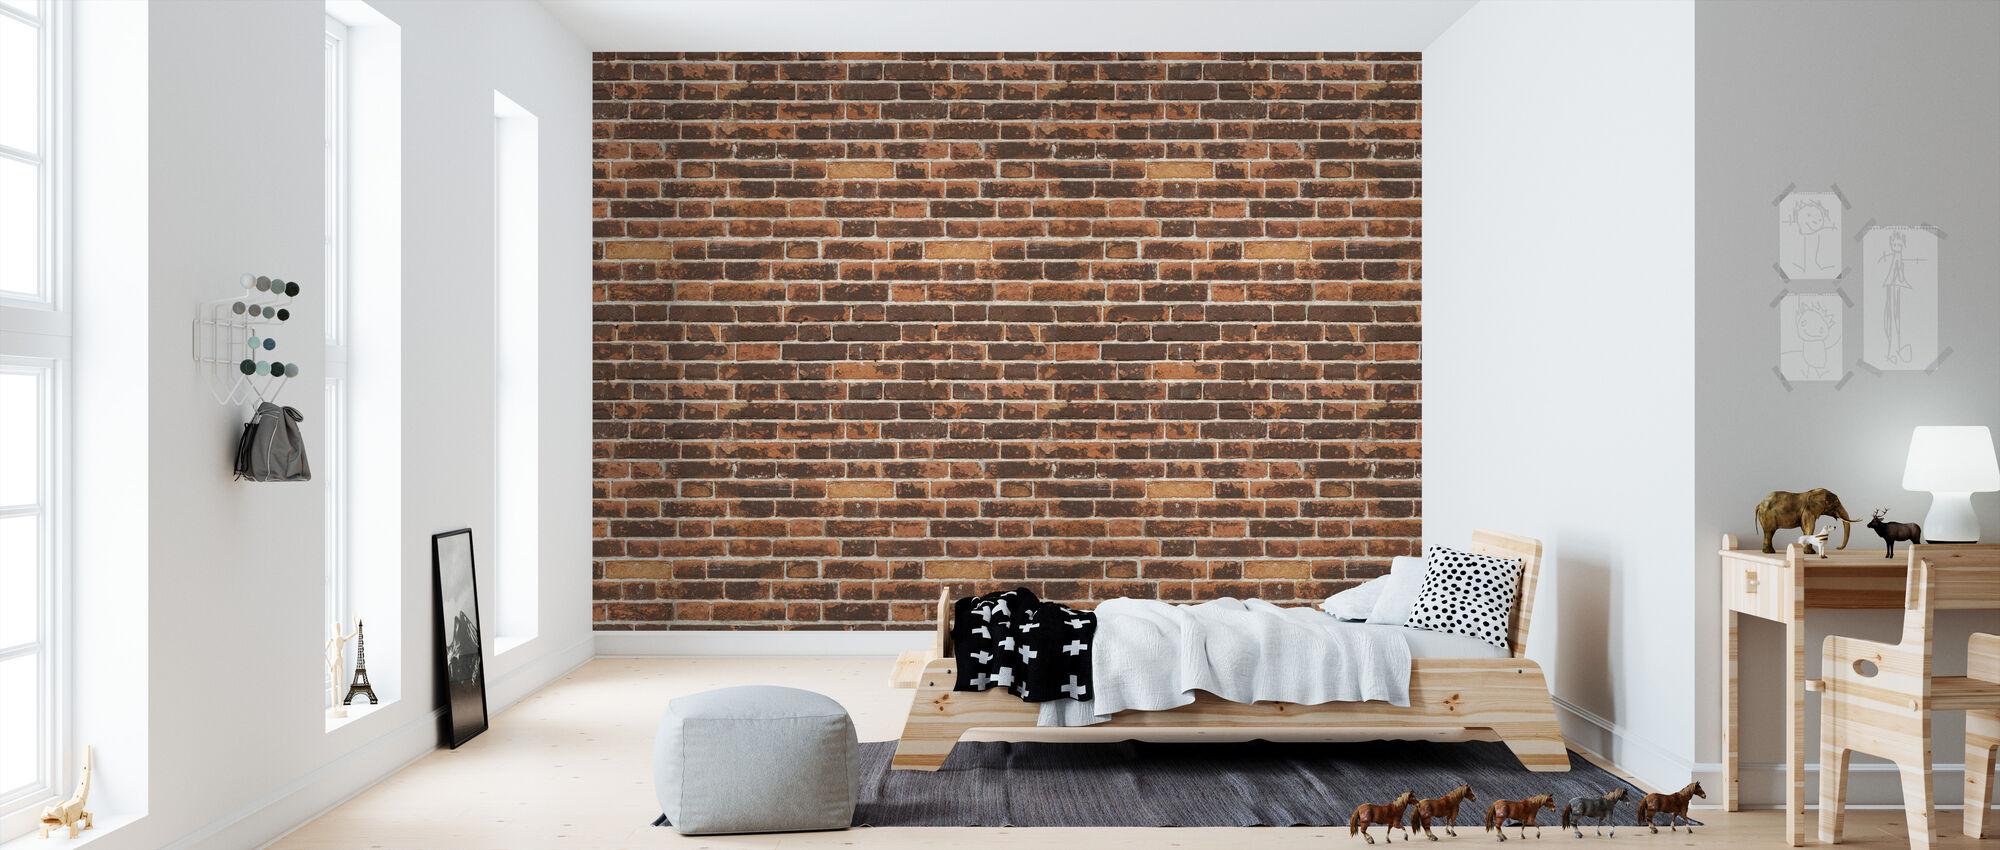 Versleten en vuile bakstenen muur - Behang - Kinderkamer